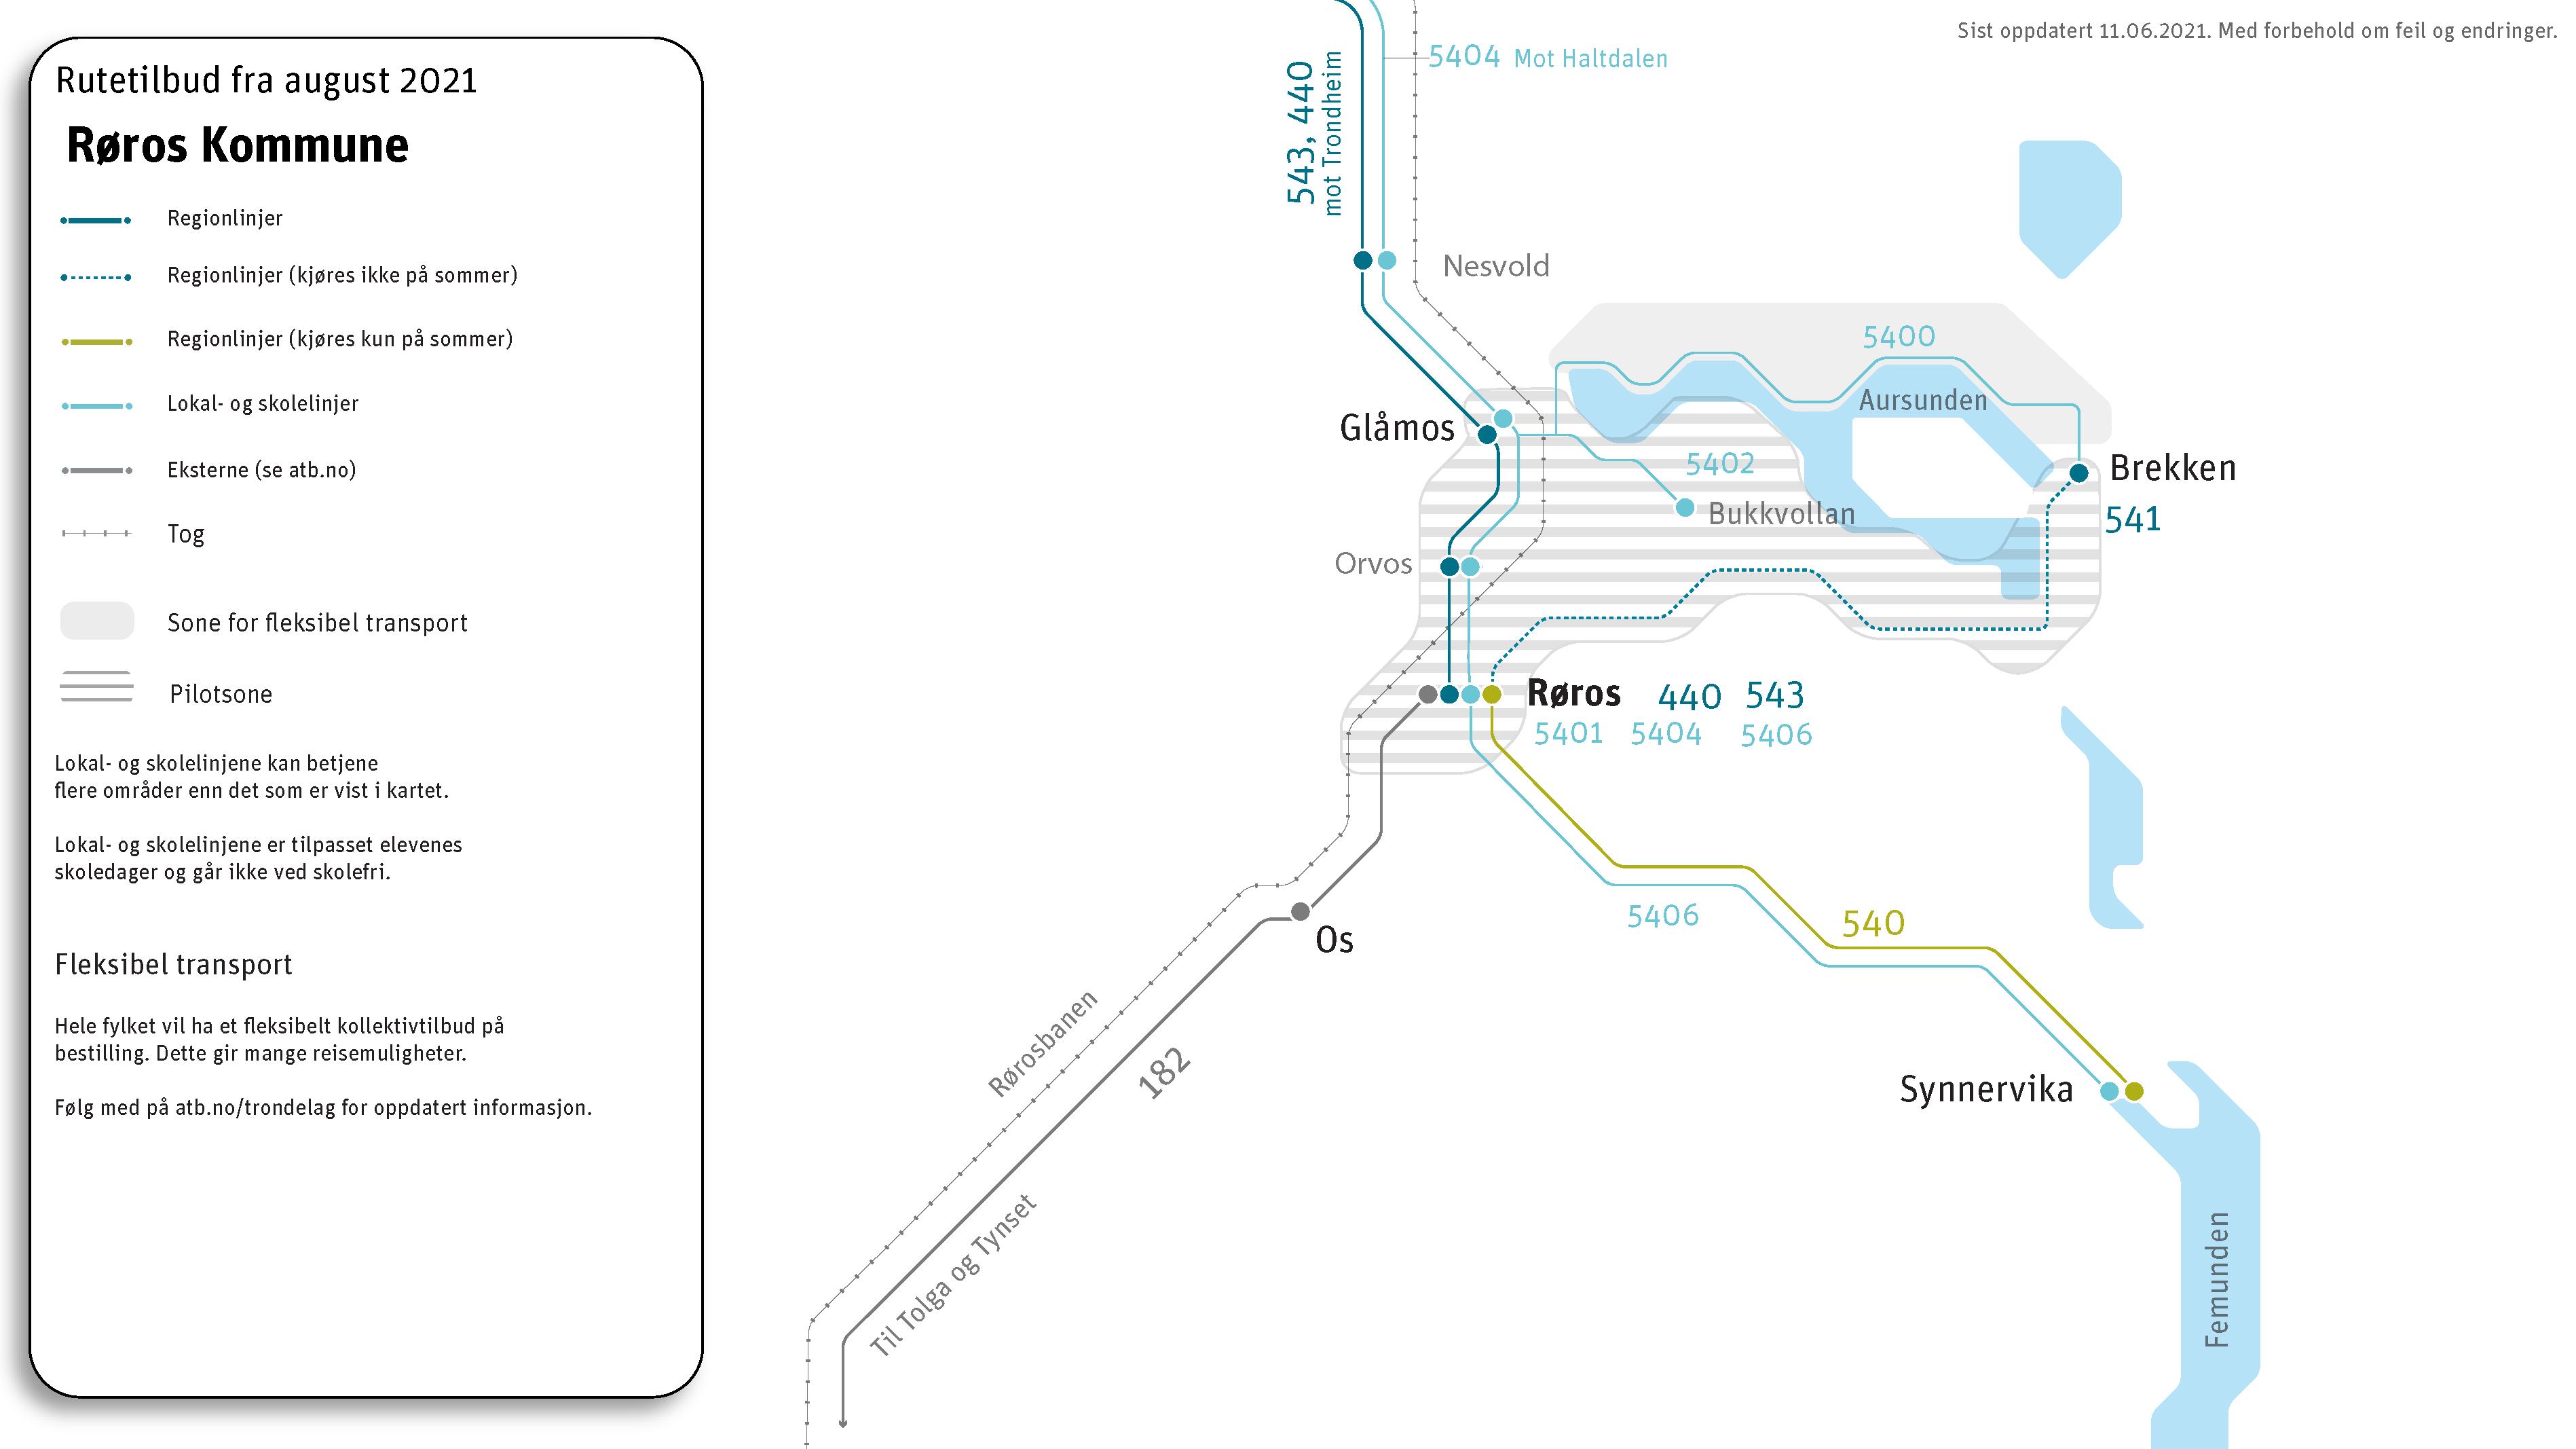 Illustrasjon som viser busslinjenes stoppesteder i Røros kommune fra august 2021